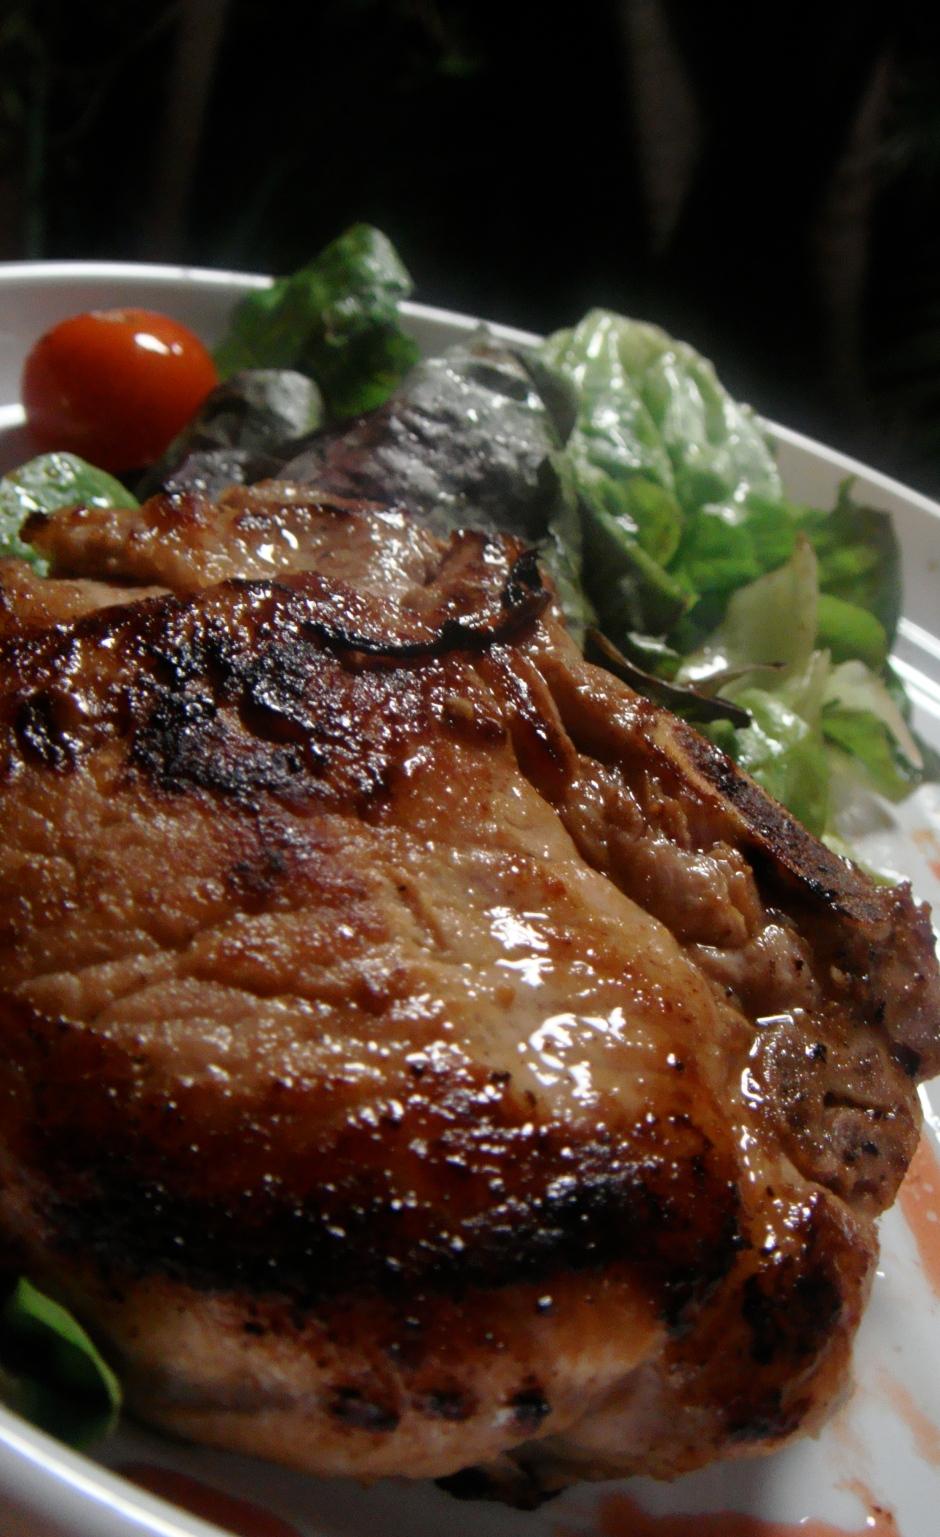 Good porky protein